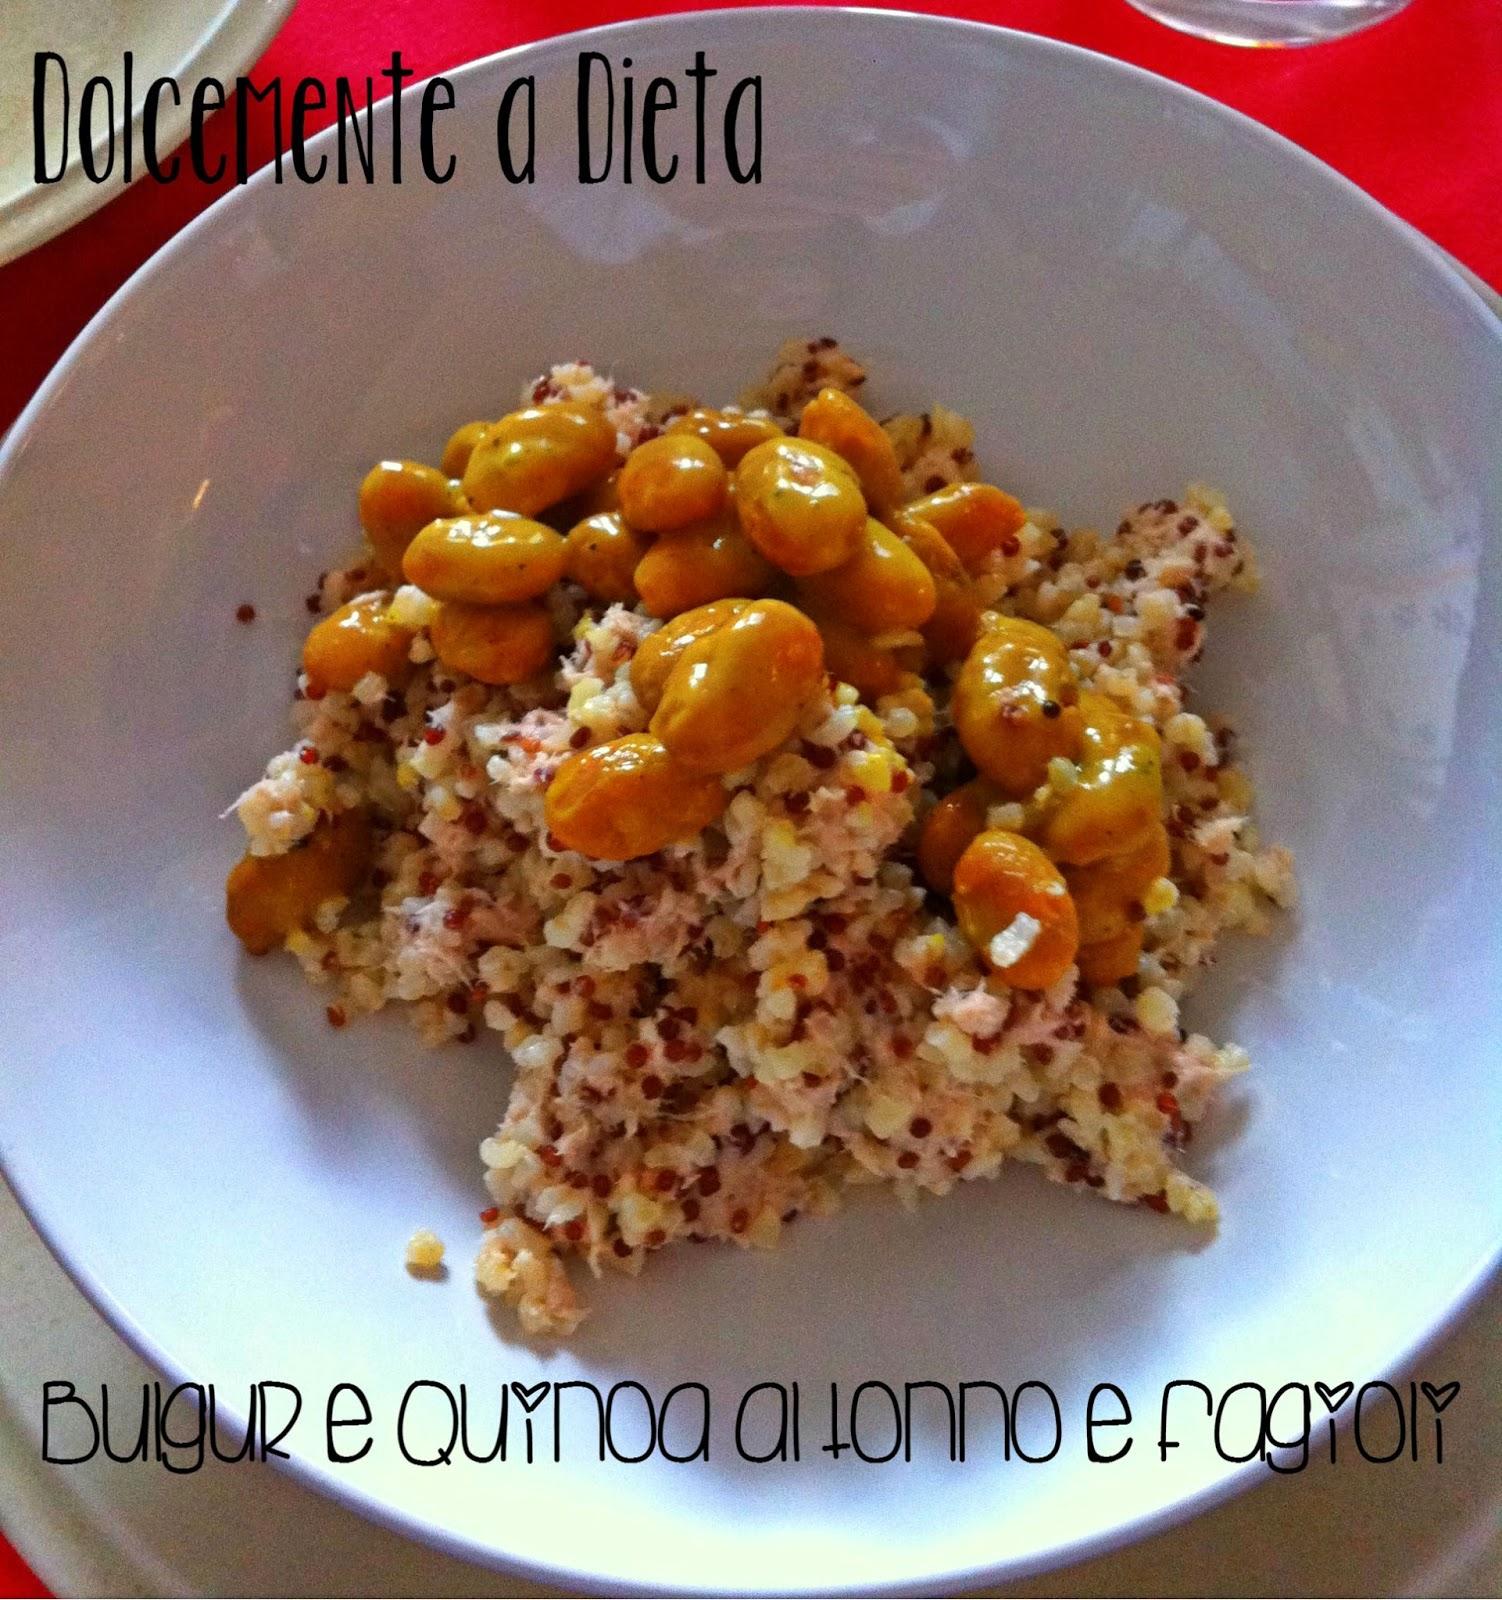 ricetta salata: bulgur e quinoa al tonno e fagioli